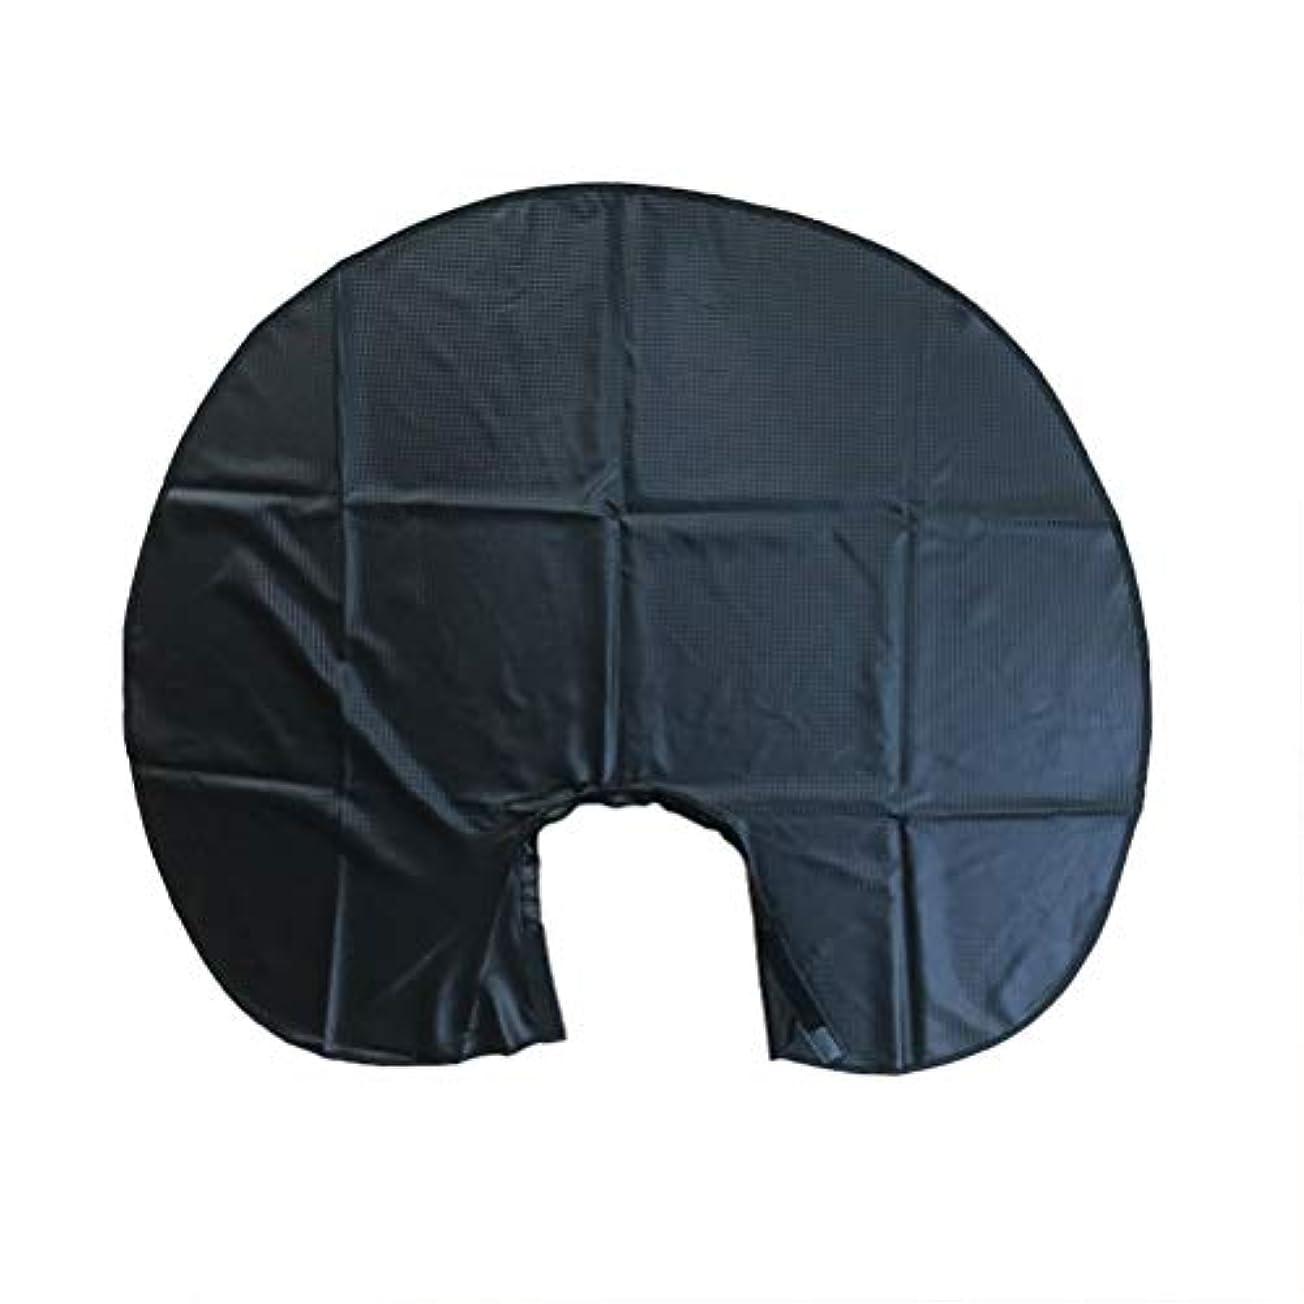 称賛警告する迷路Beaupretty 1ピースヘアサロン切断エプロン防水ショートヘアケープケープ理髪店のドレス用理髪スタイリング